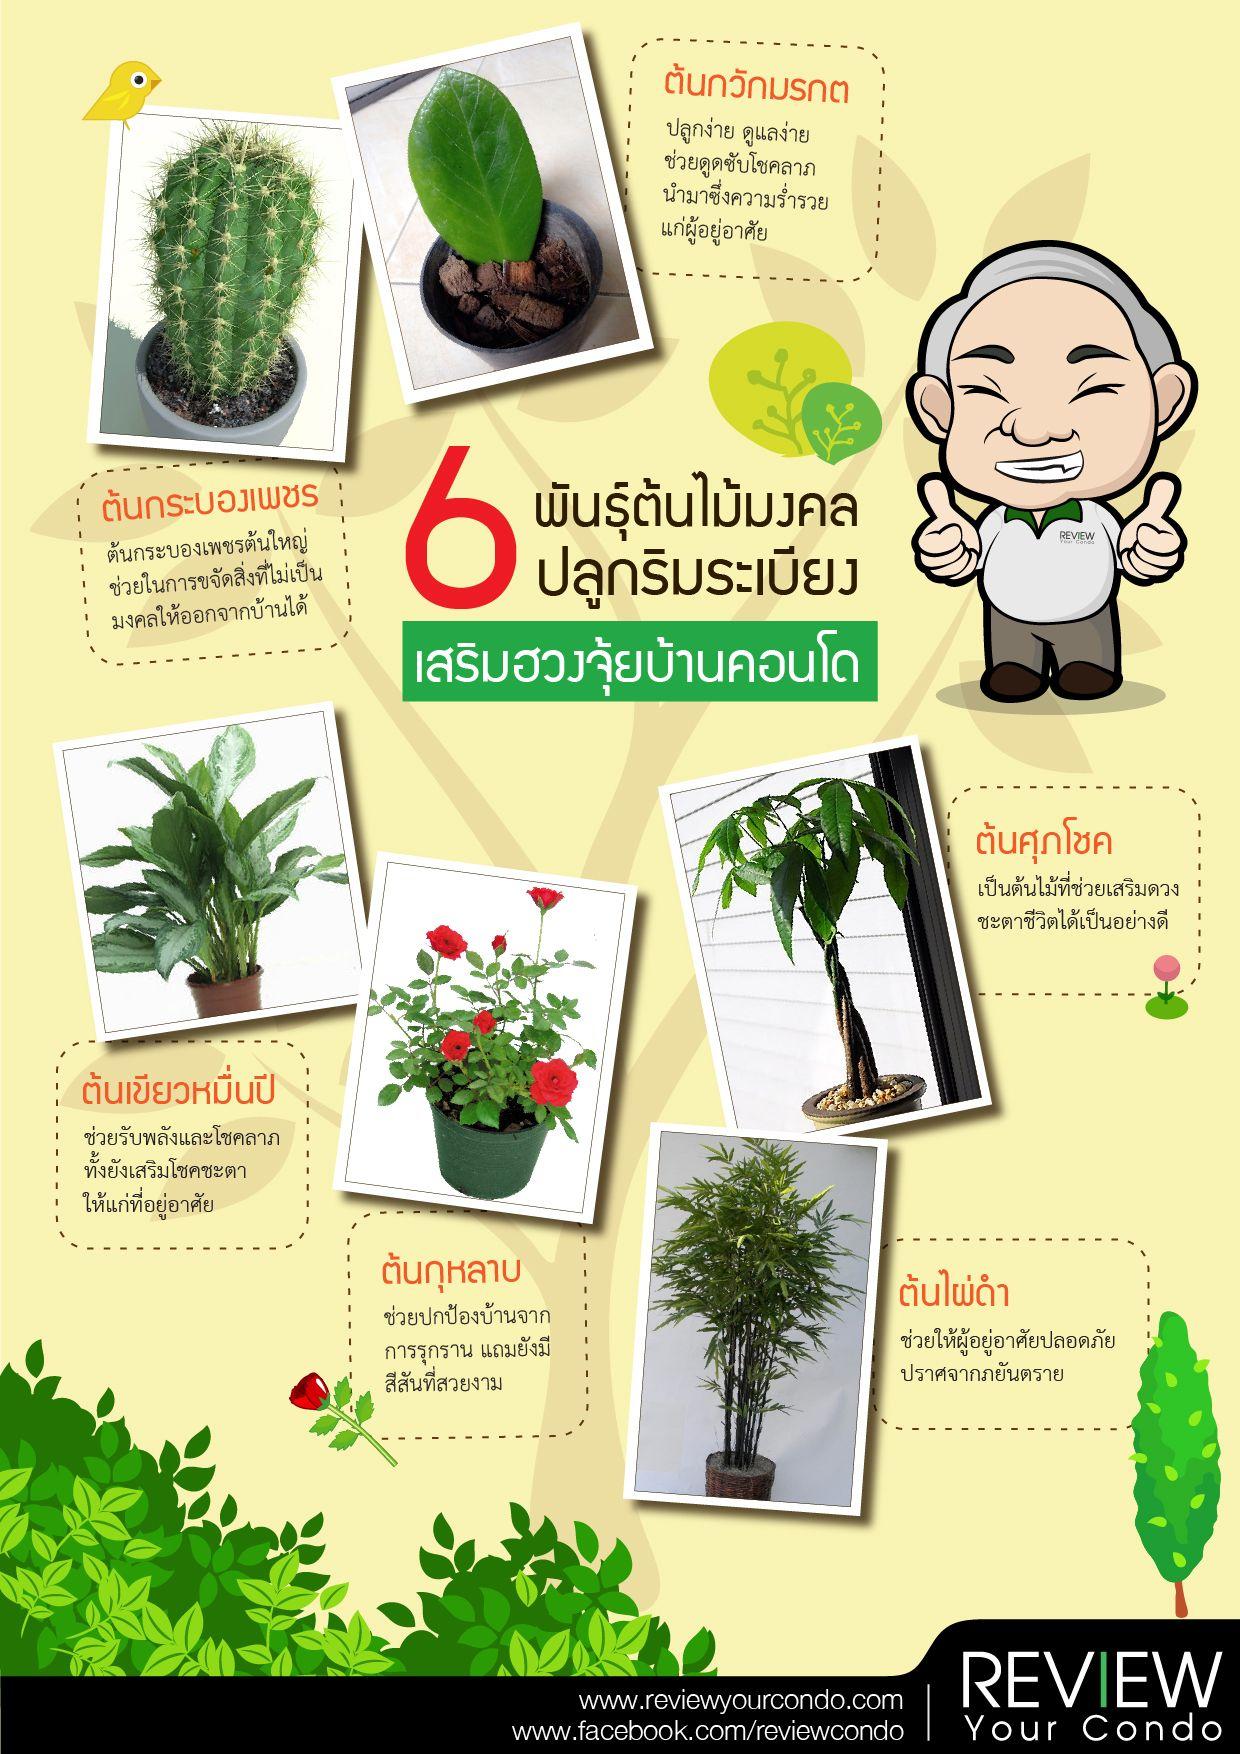 6 พันธุ์ต้นไม้มงคลปลูกริมระเบียง เสริมฮวงจุ้ยบ้านคอนโด